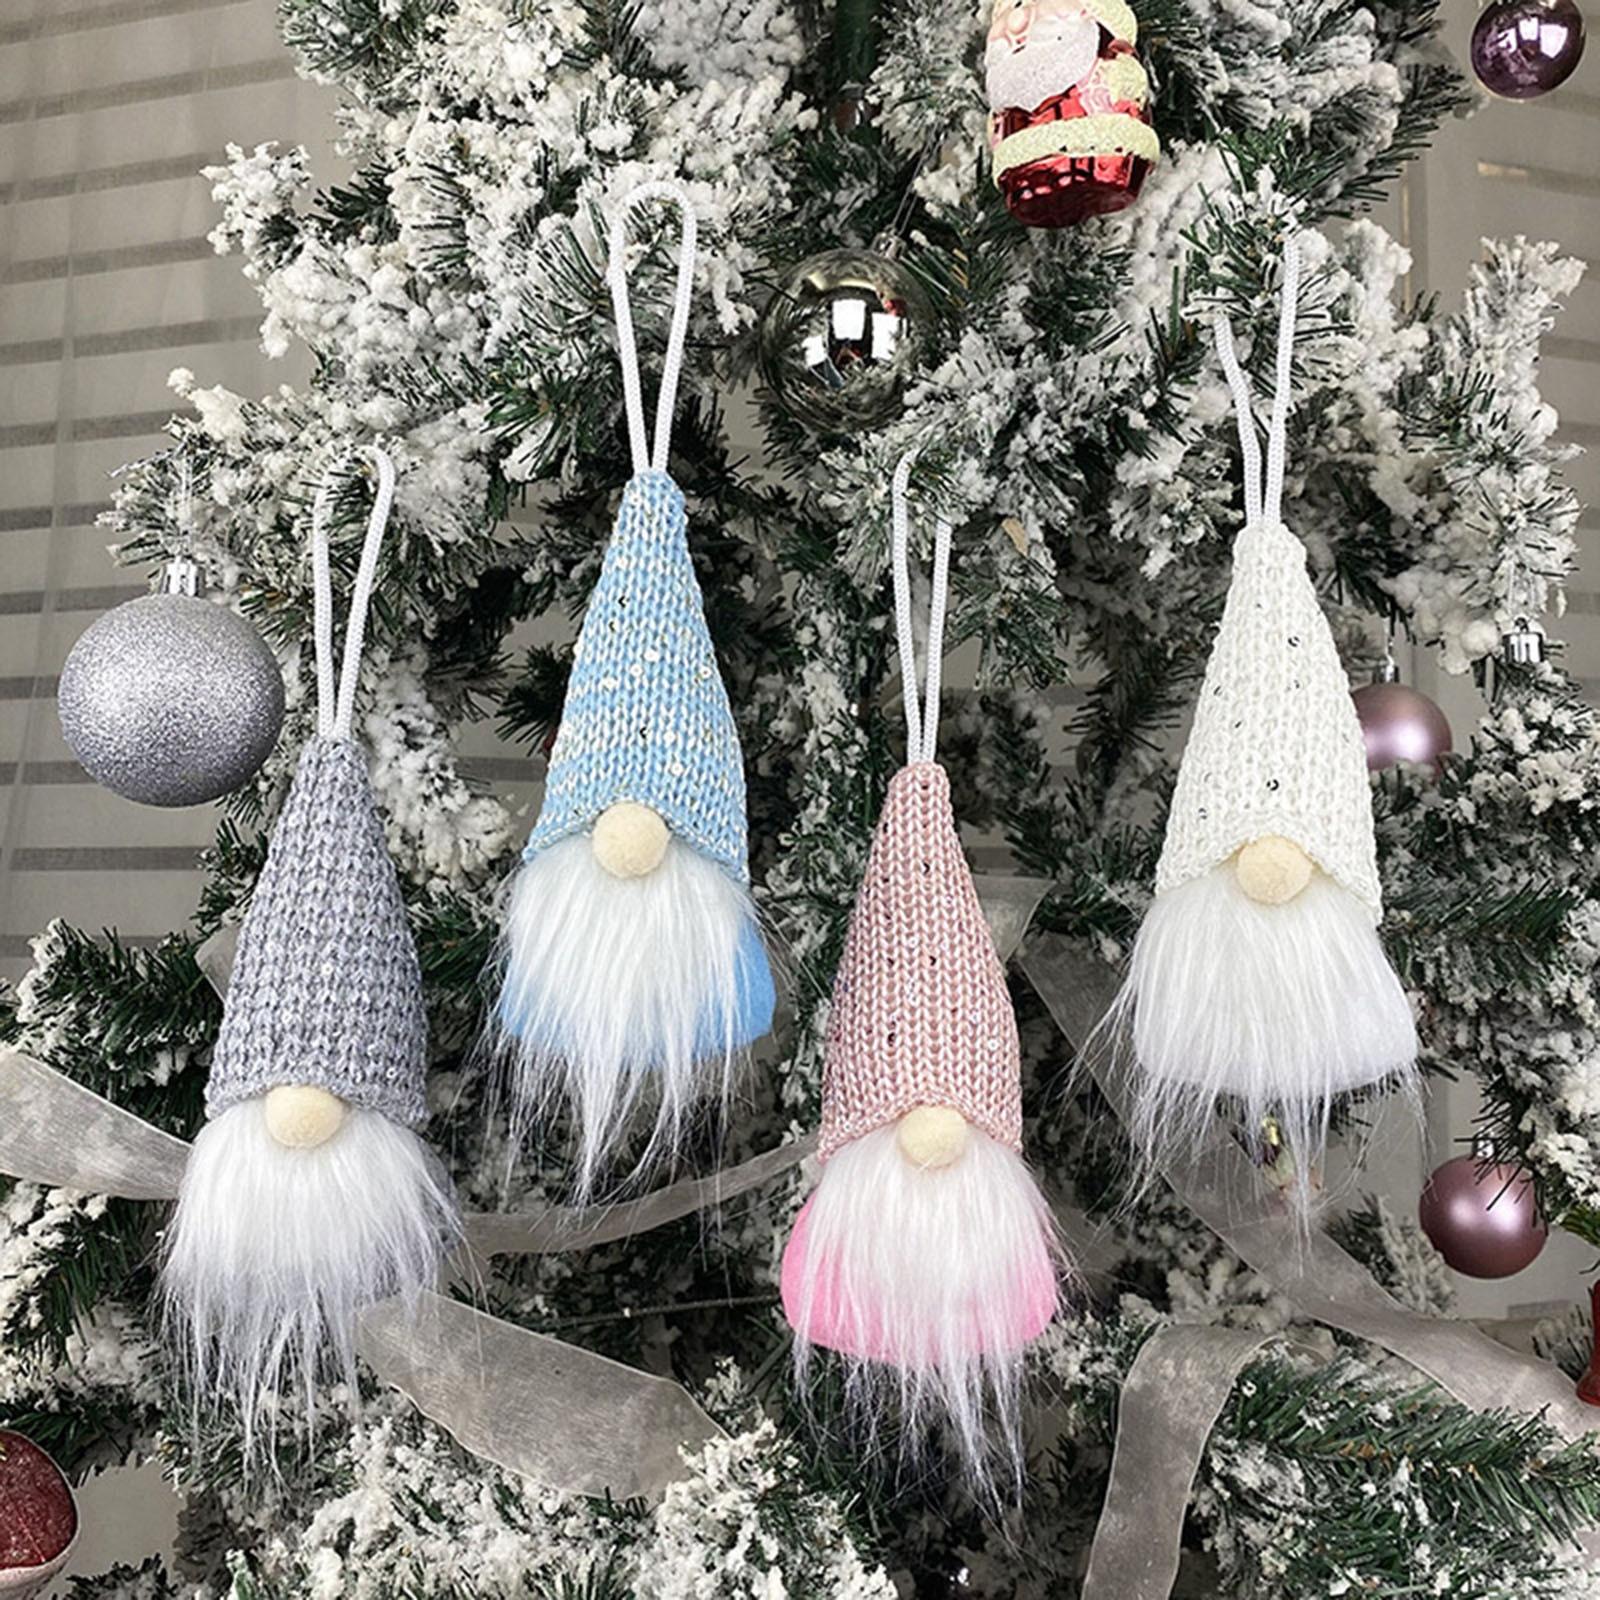 Рождественский колокольчик гном Санта вязаная плюшевая кукла Рождественская елка подвесная кукла без лица новогодний Рождественский дома...